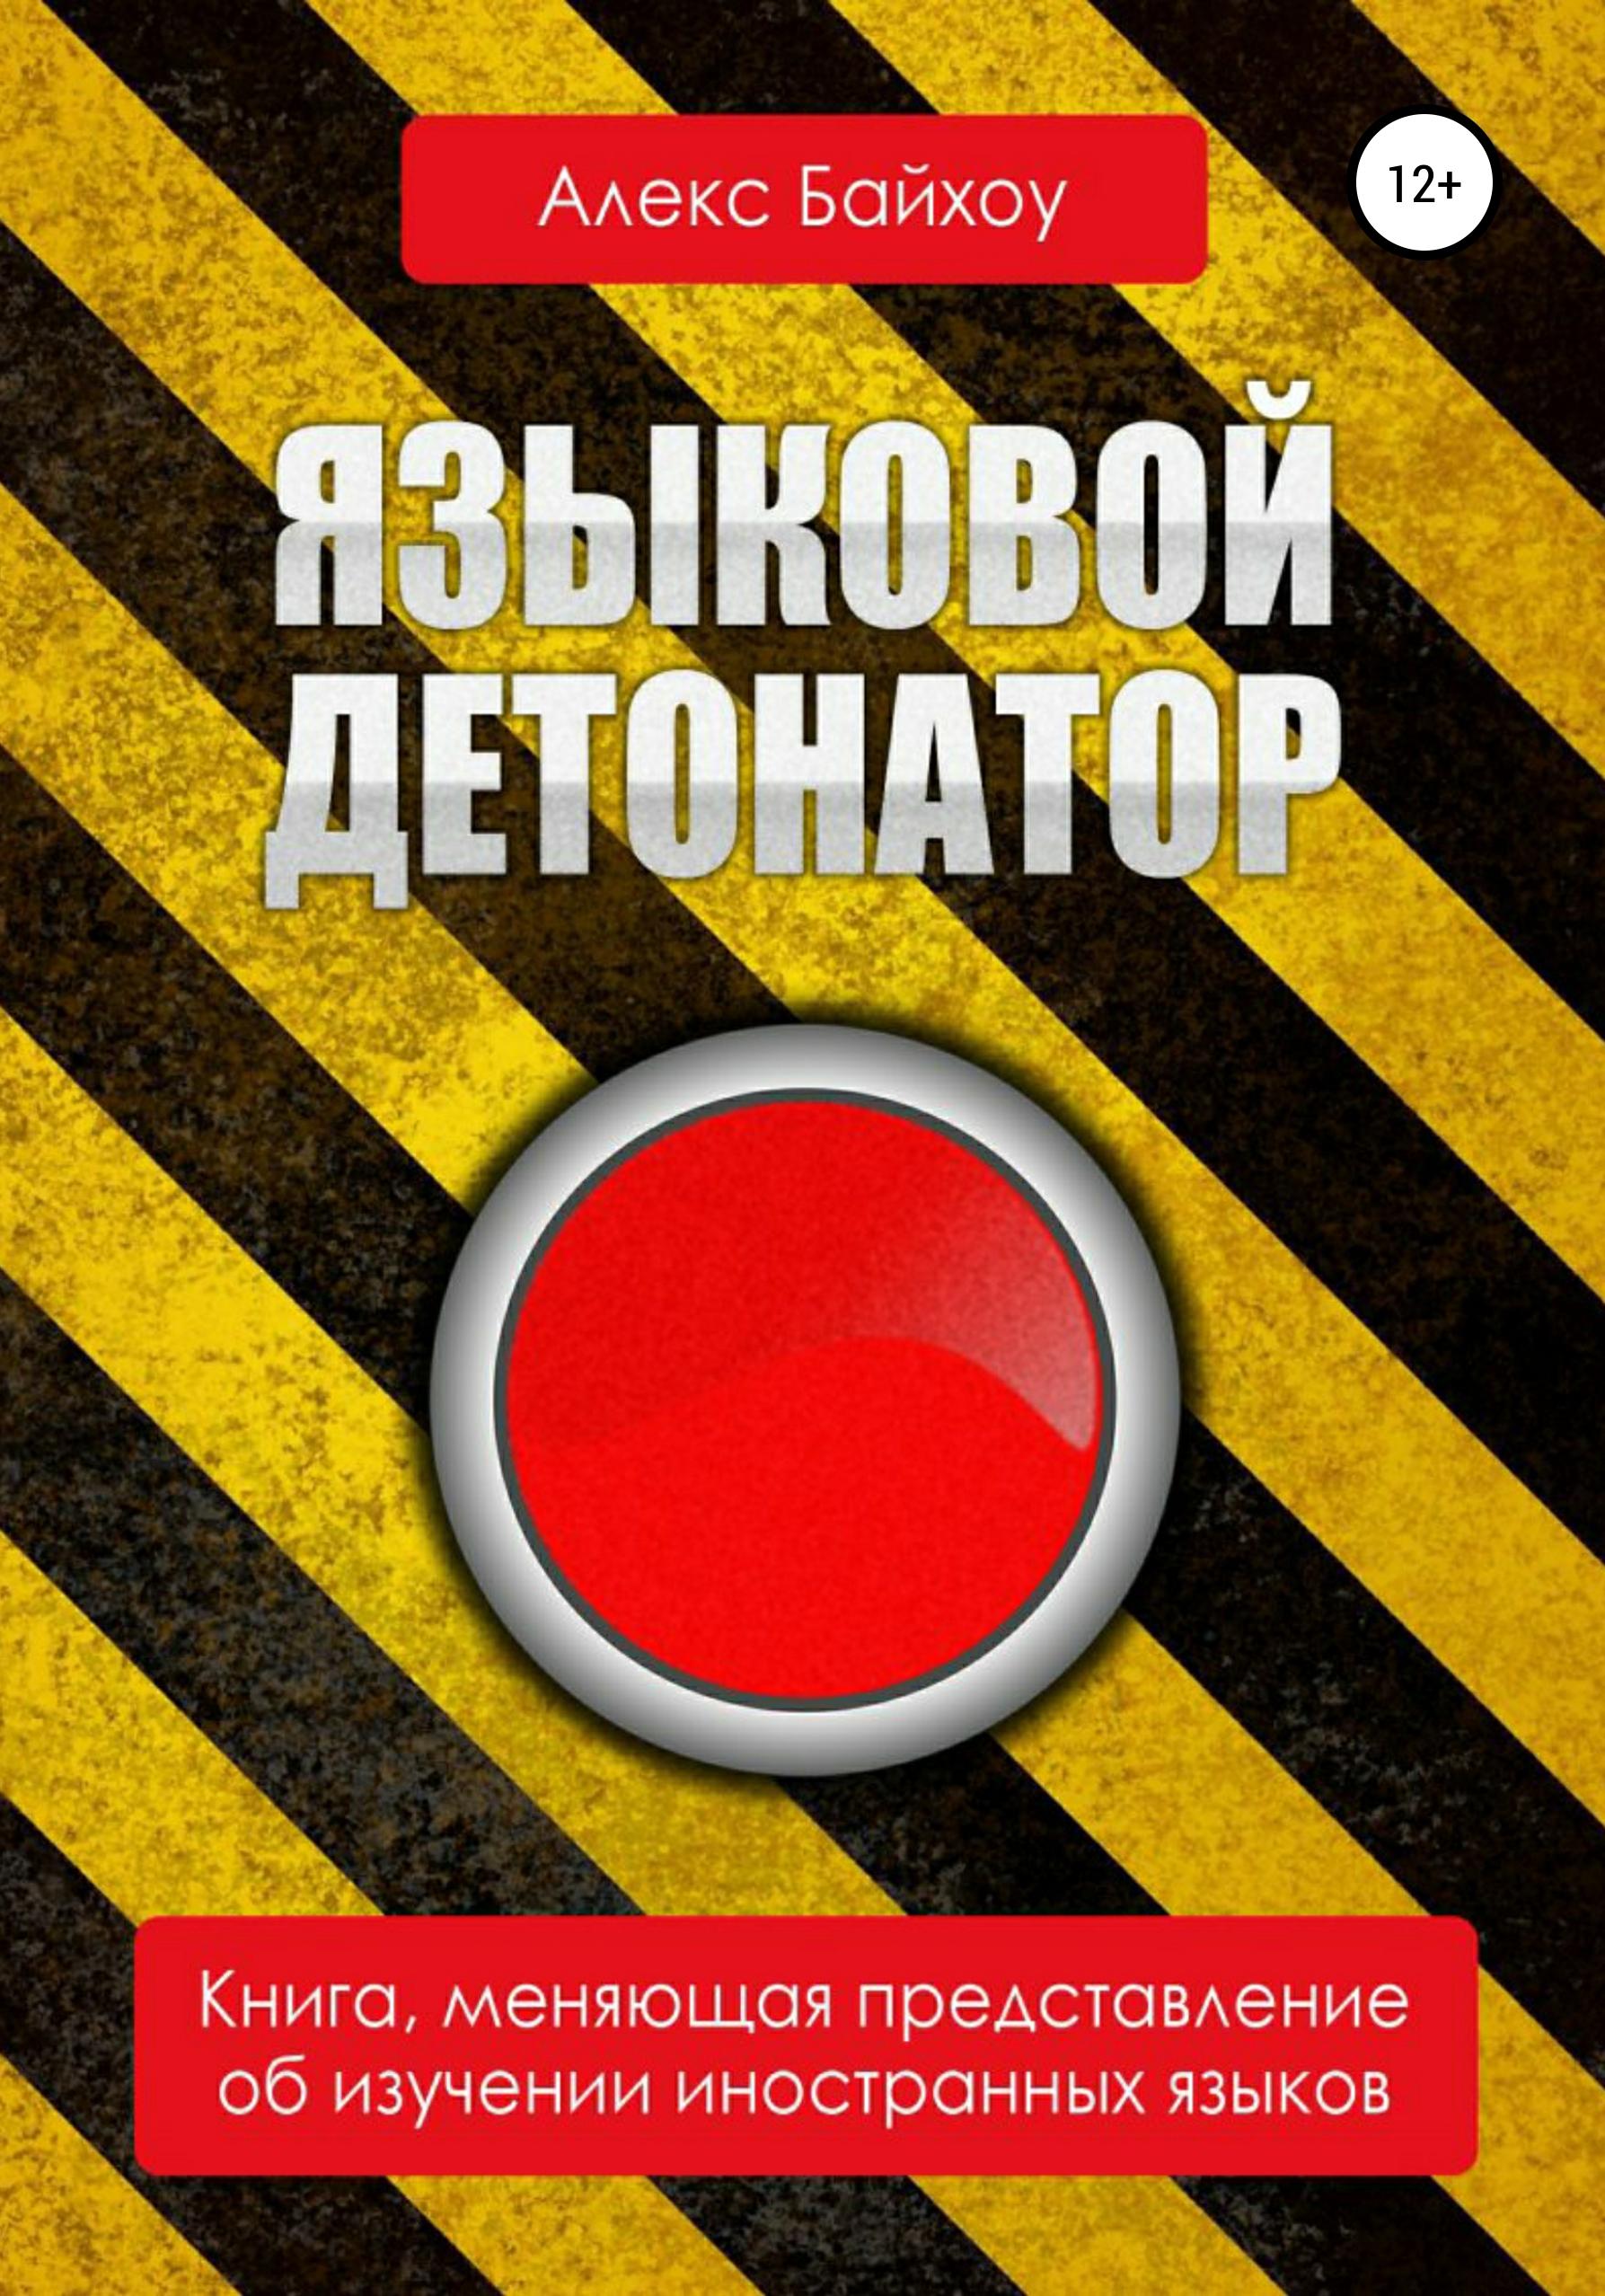 Языковой детонатор